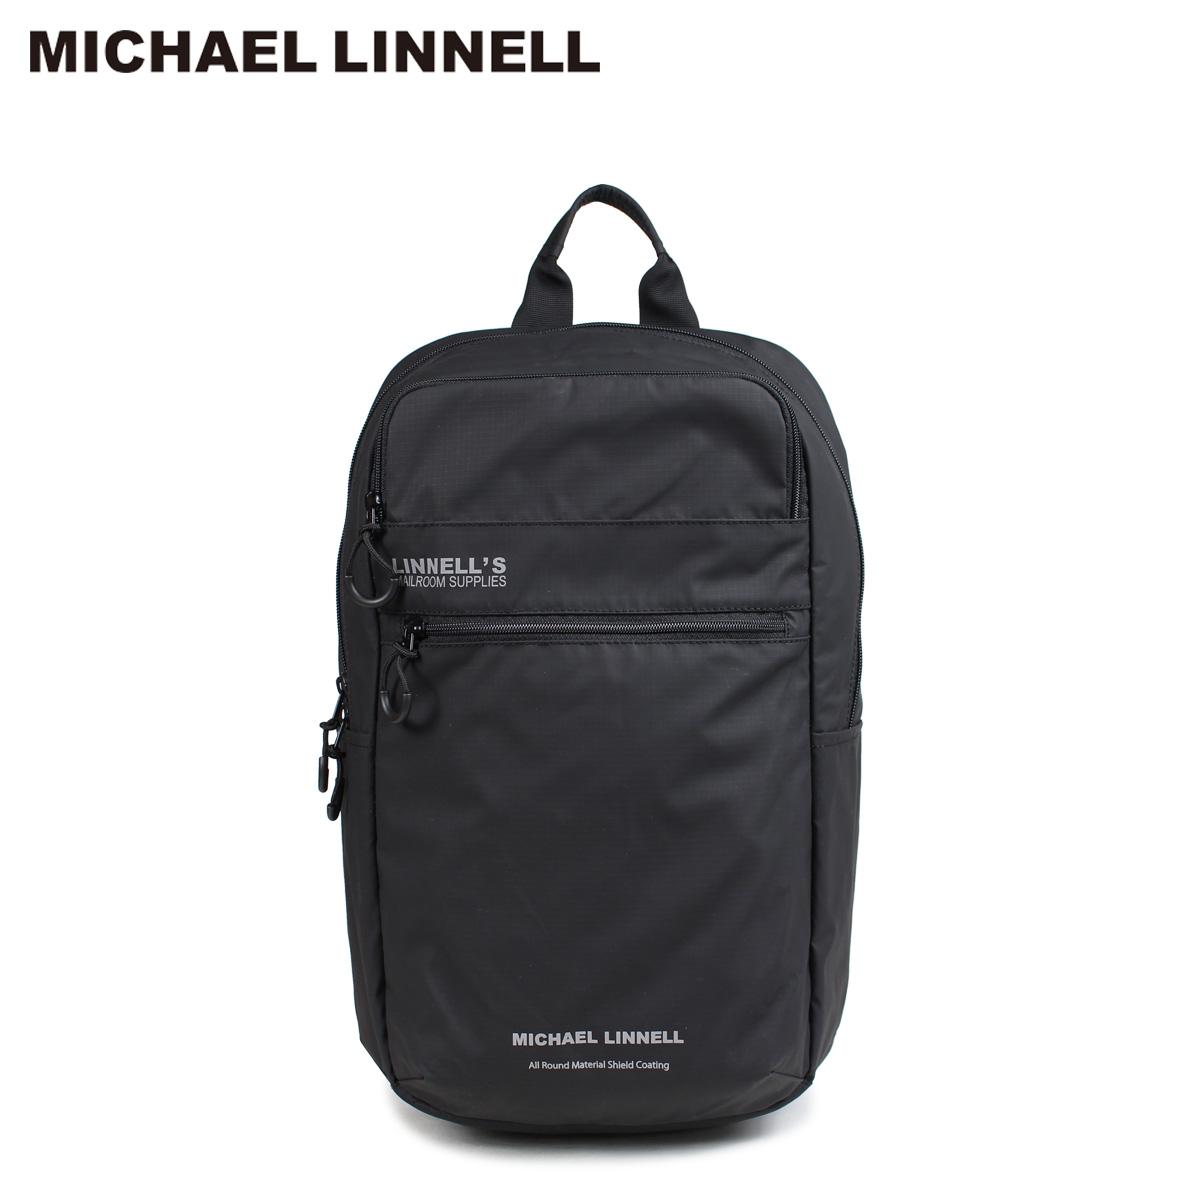 マイケルリンネル MICHAEL LINNELL リュック バッグ 23L メンズ レディース バックパック BACKPACK ブラック MLAC-05 [10/22 新入荷]